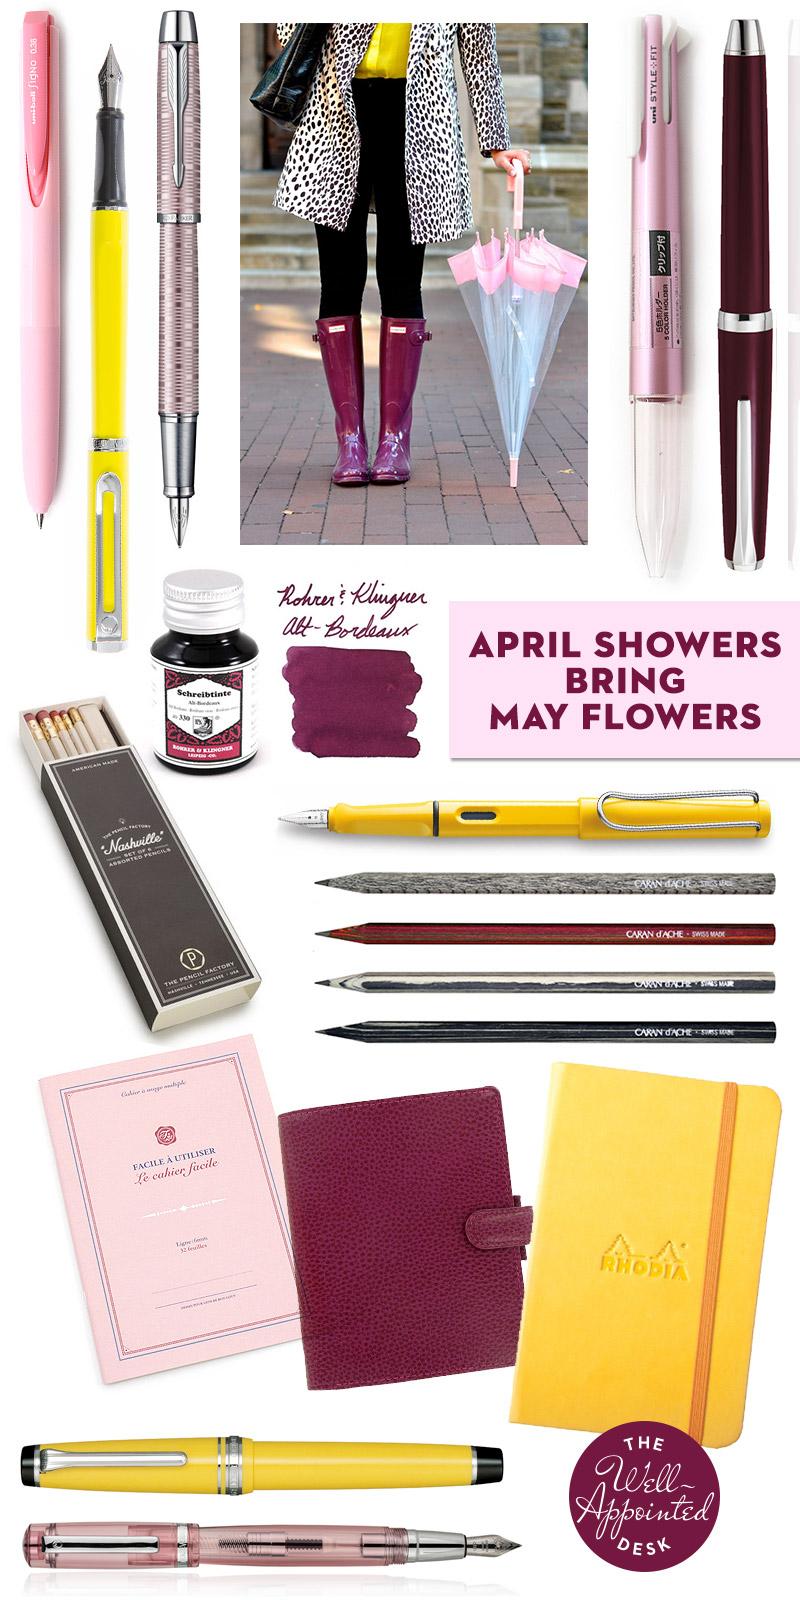 FF-aprilshowers